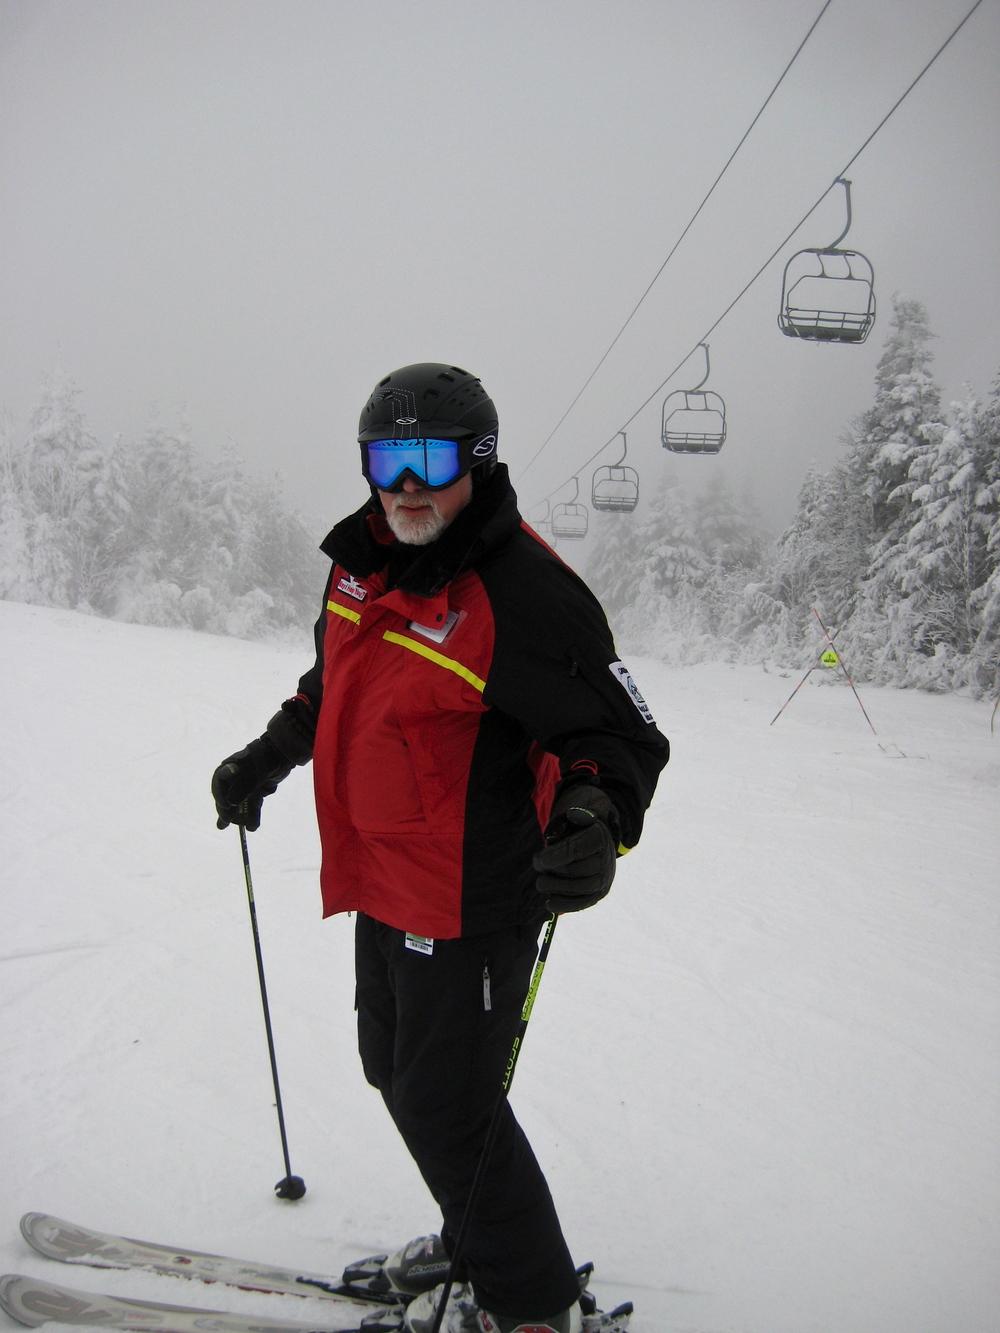 VT skiing 1.10 - 14.jpg